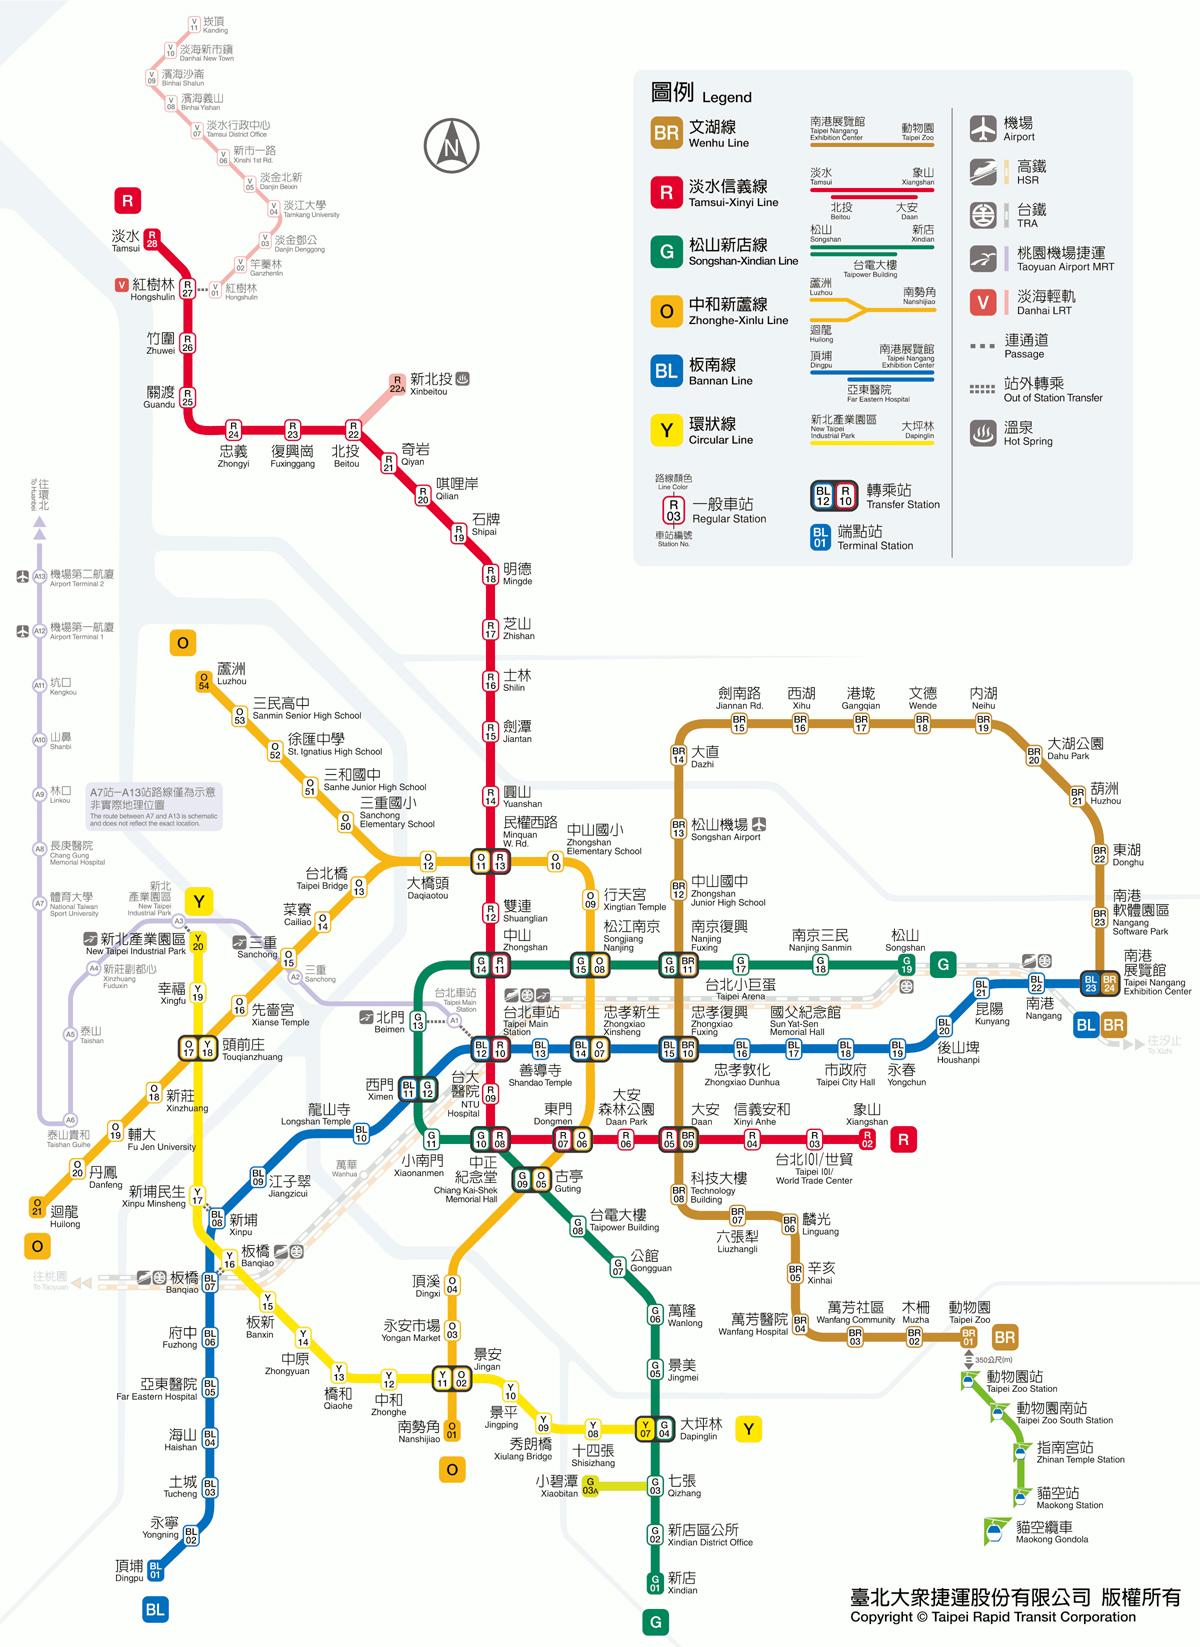 taipei-metro-map-202003